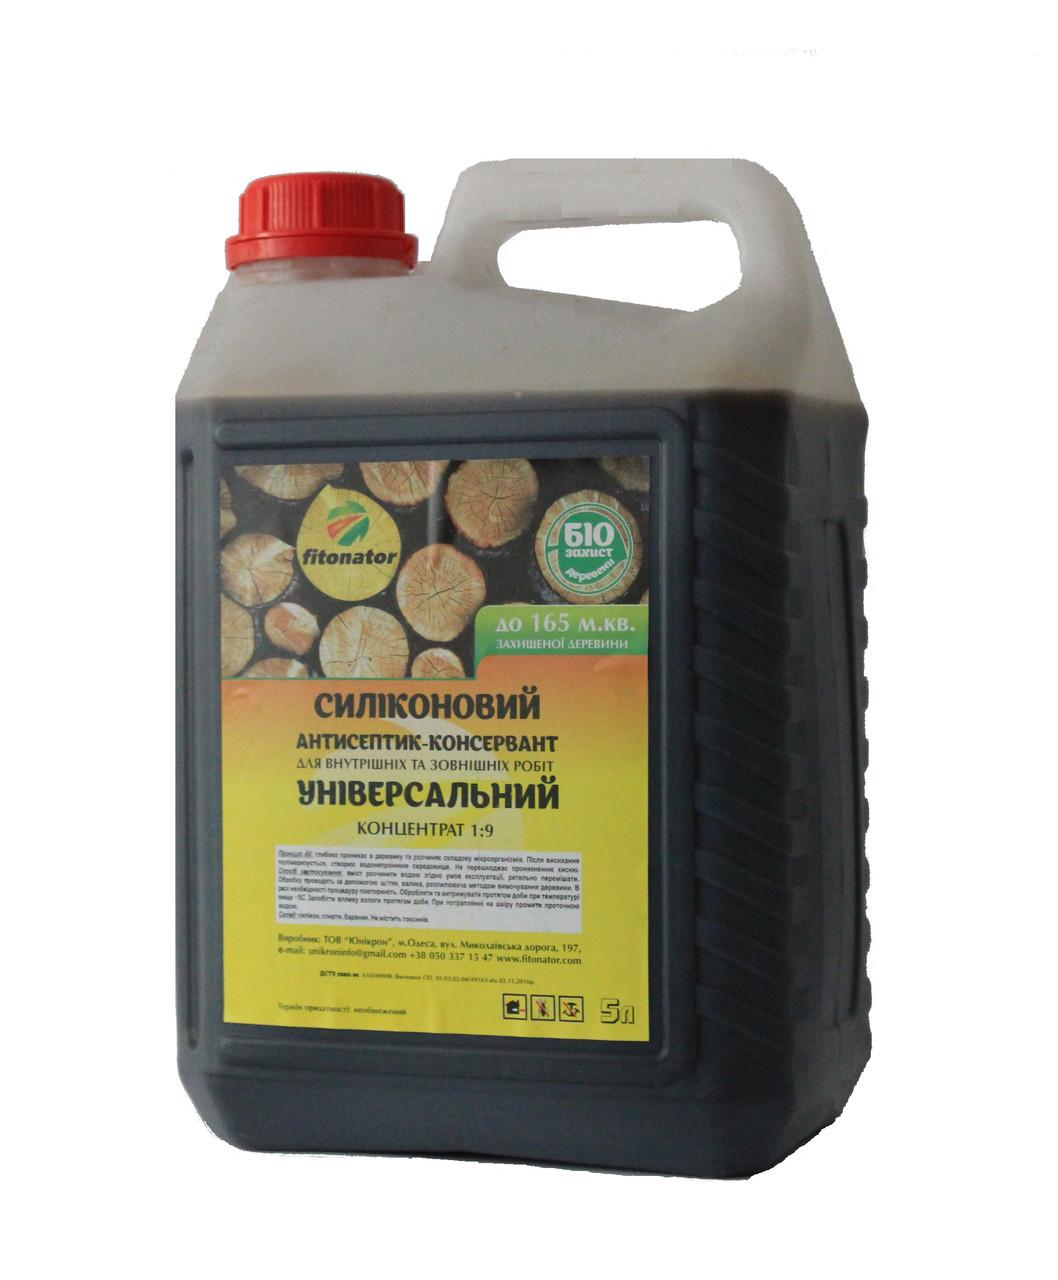 Фитонатор 5л, антисептик-консервант для  древесины (концентрат 1:9) - Химическая Торговая Сеть, ЧП в Одессе